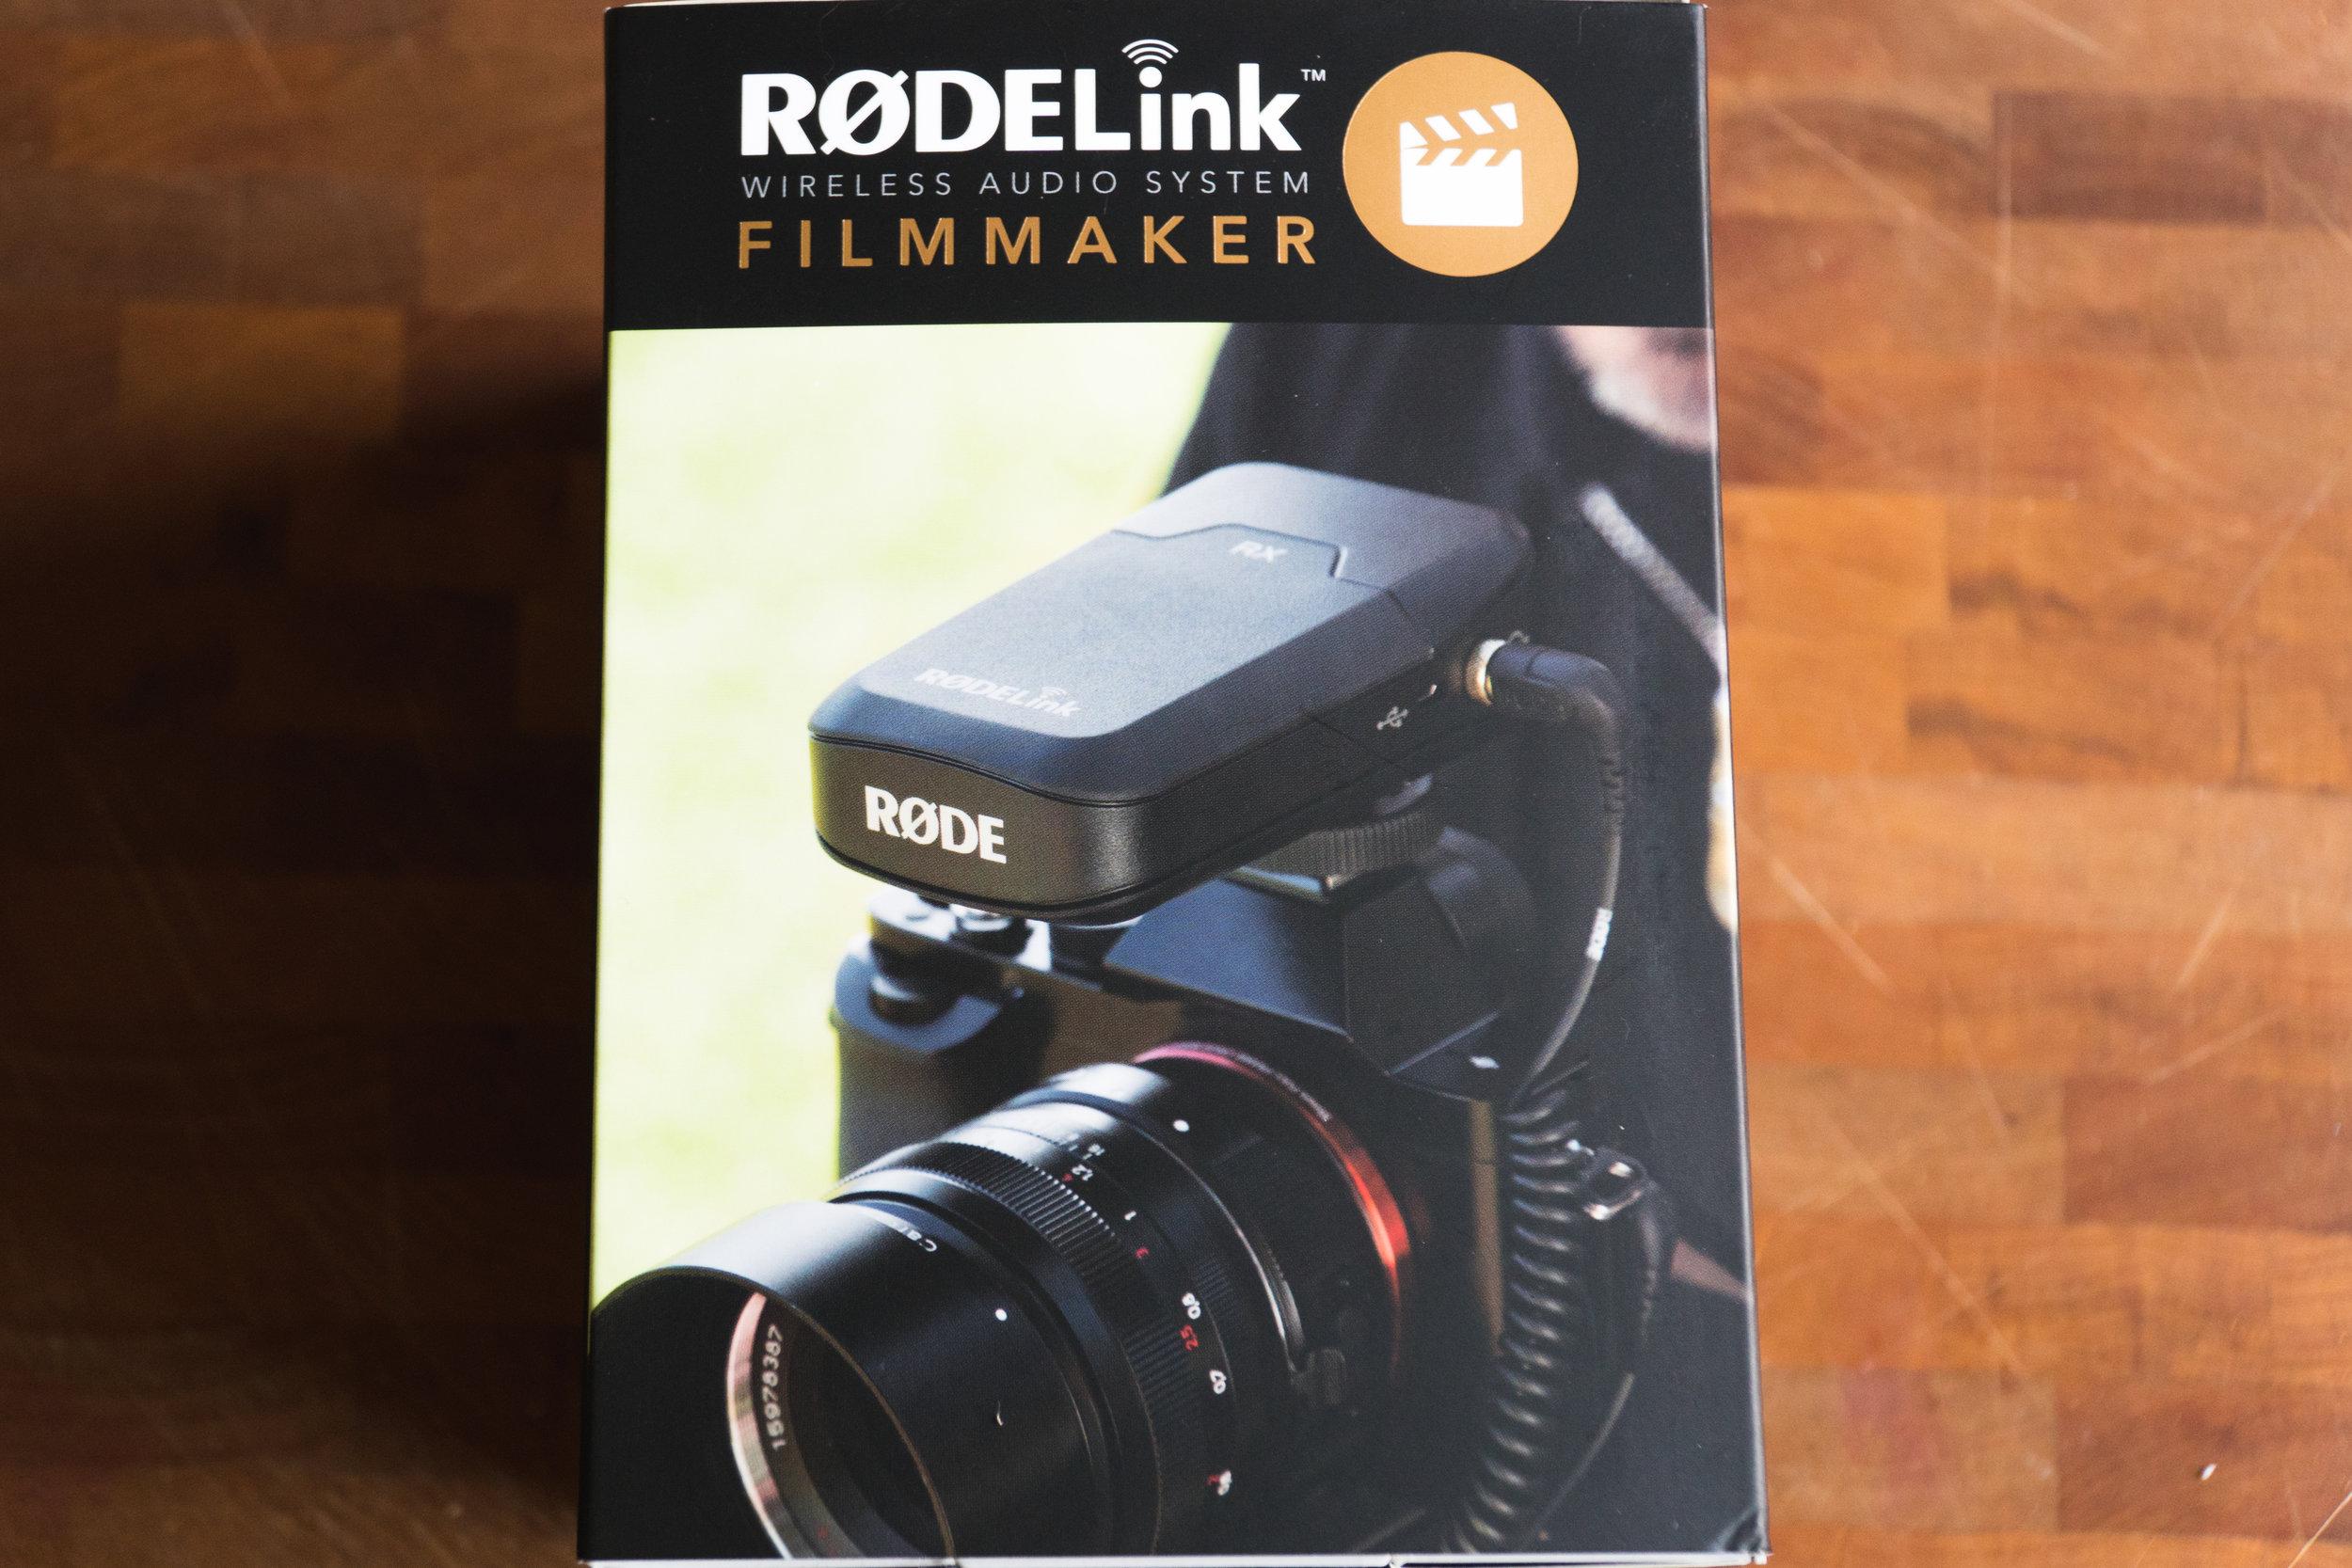 RODELink Filmmaker Kit